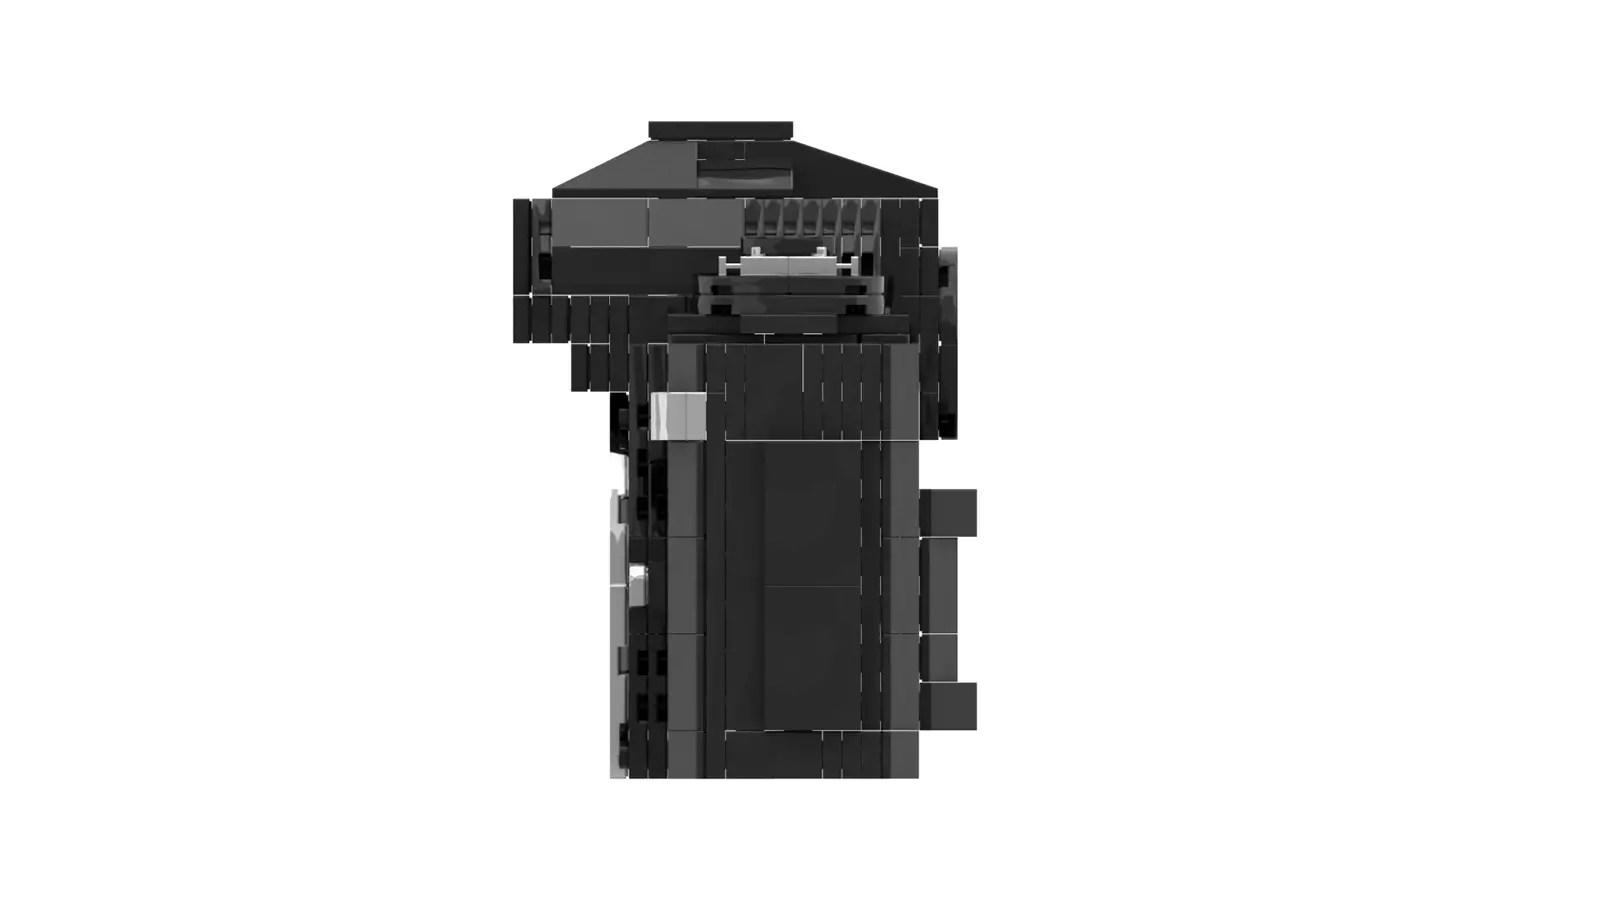 LEGO Nikon F3: Side (Credit: Ethan Brossard)